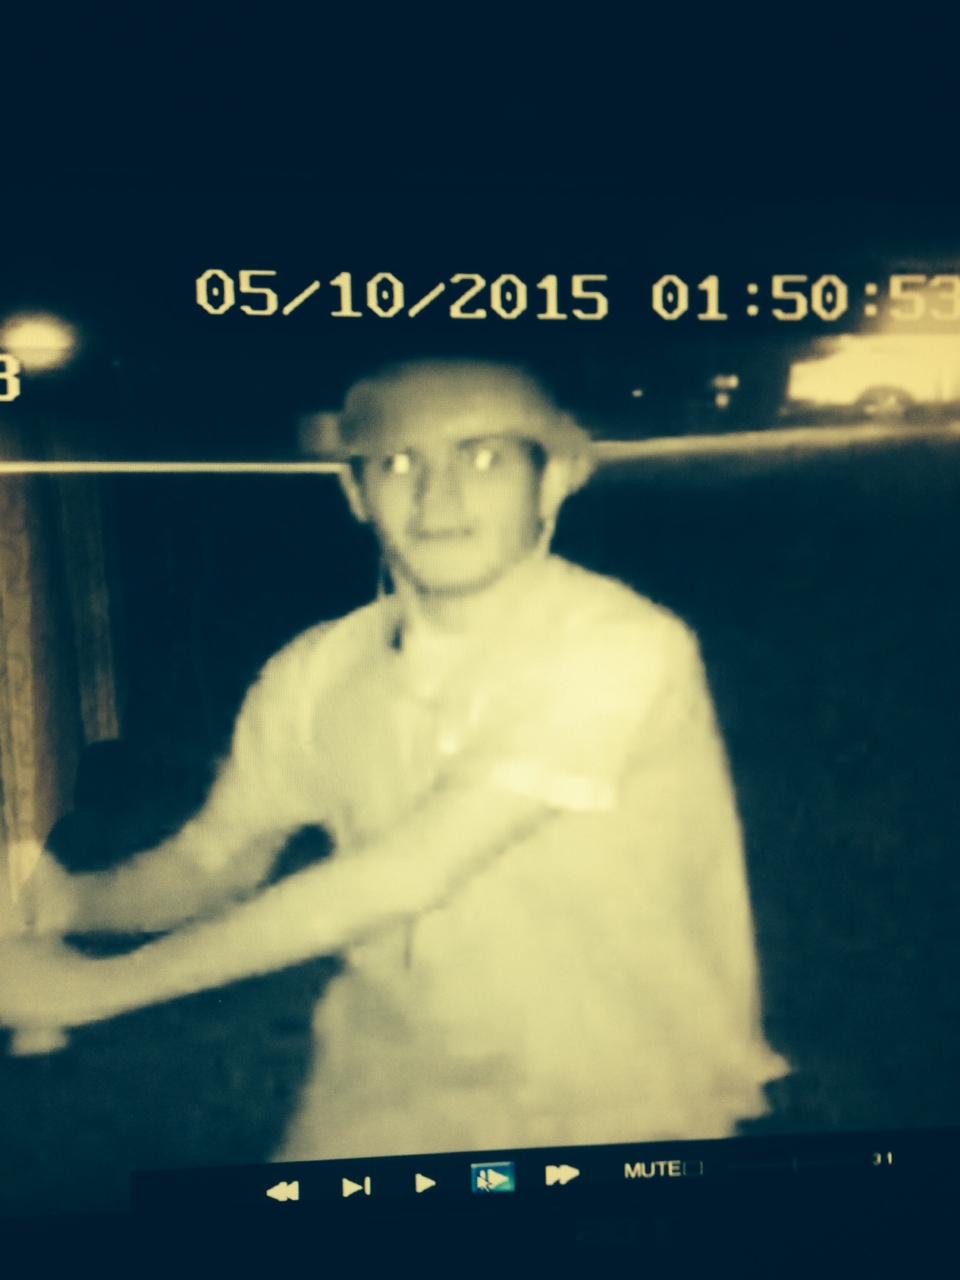 A man who damaged a Lake Riviera home with a baseball bat, May 10, 2015. (Photo: Brick Twp. Police)